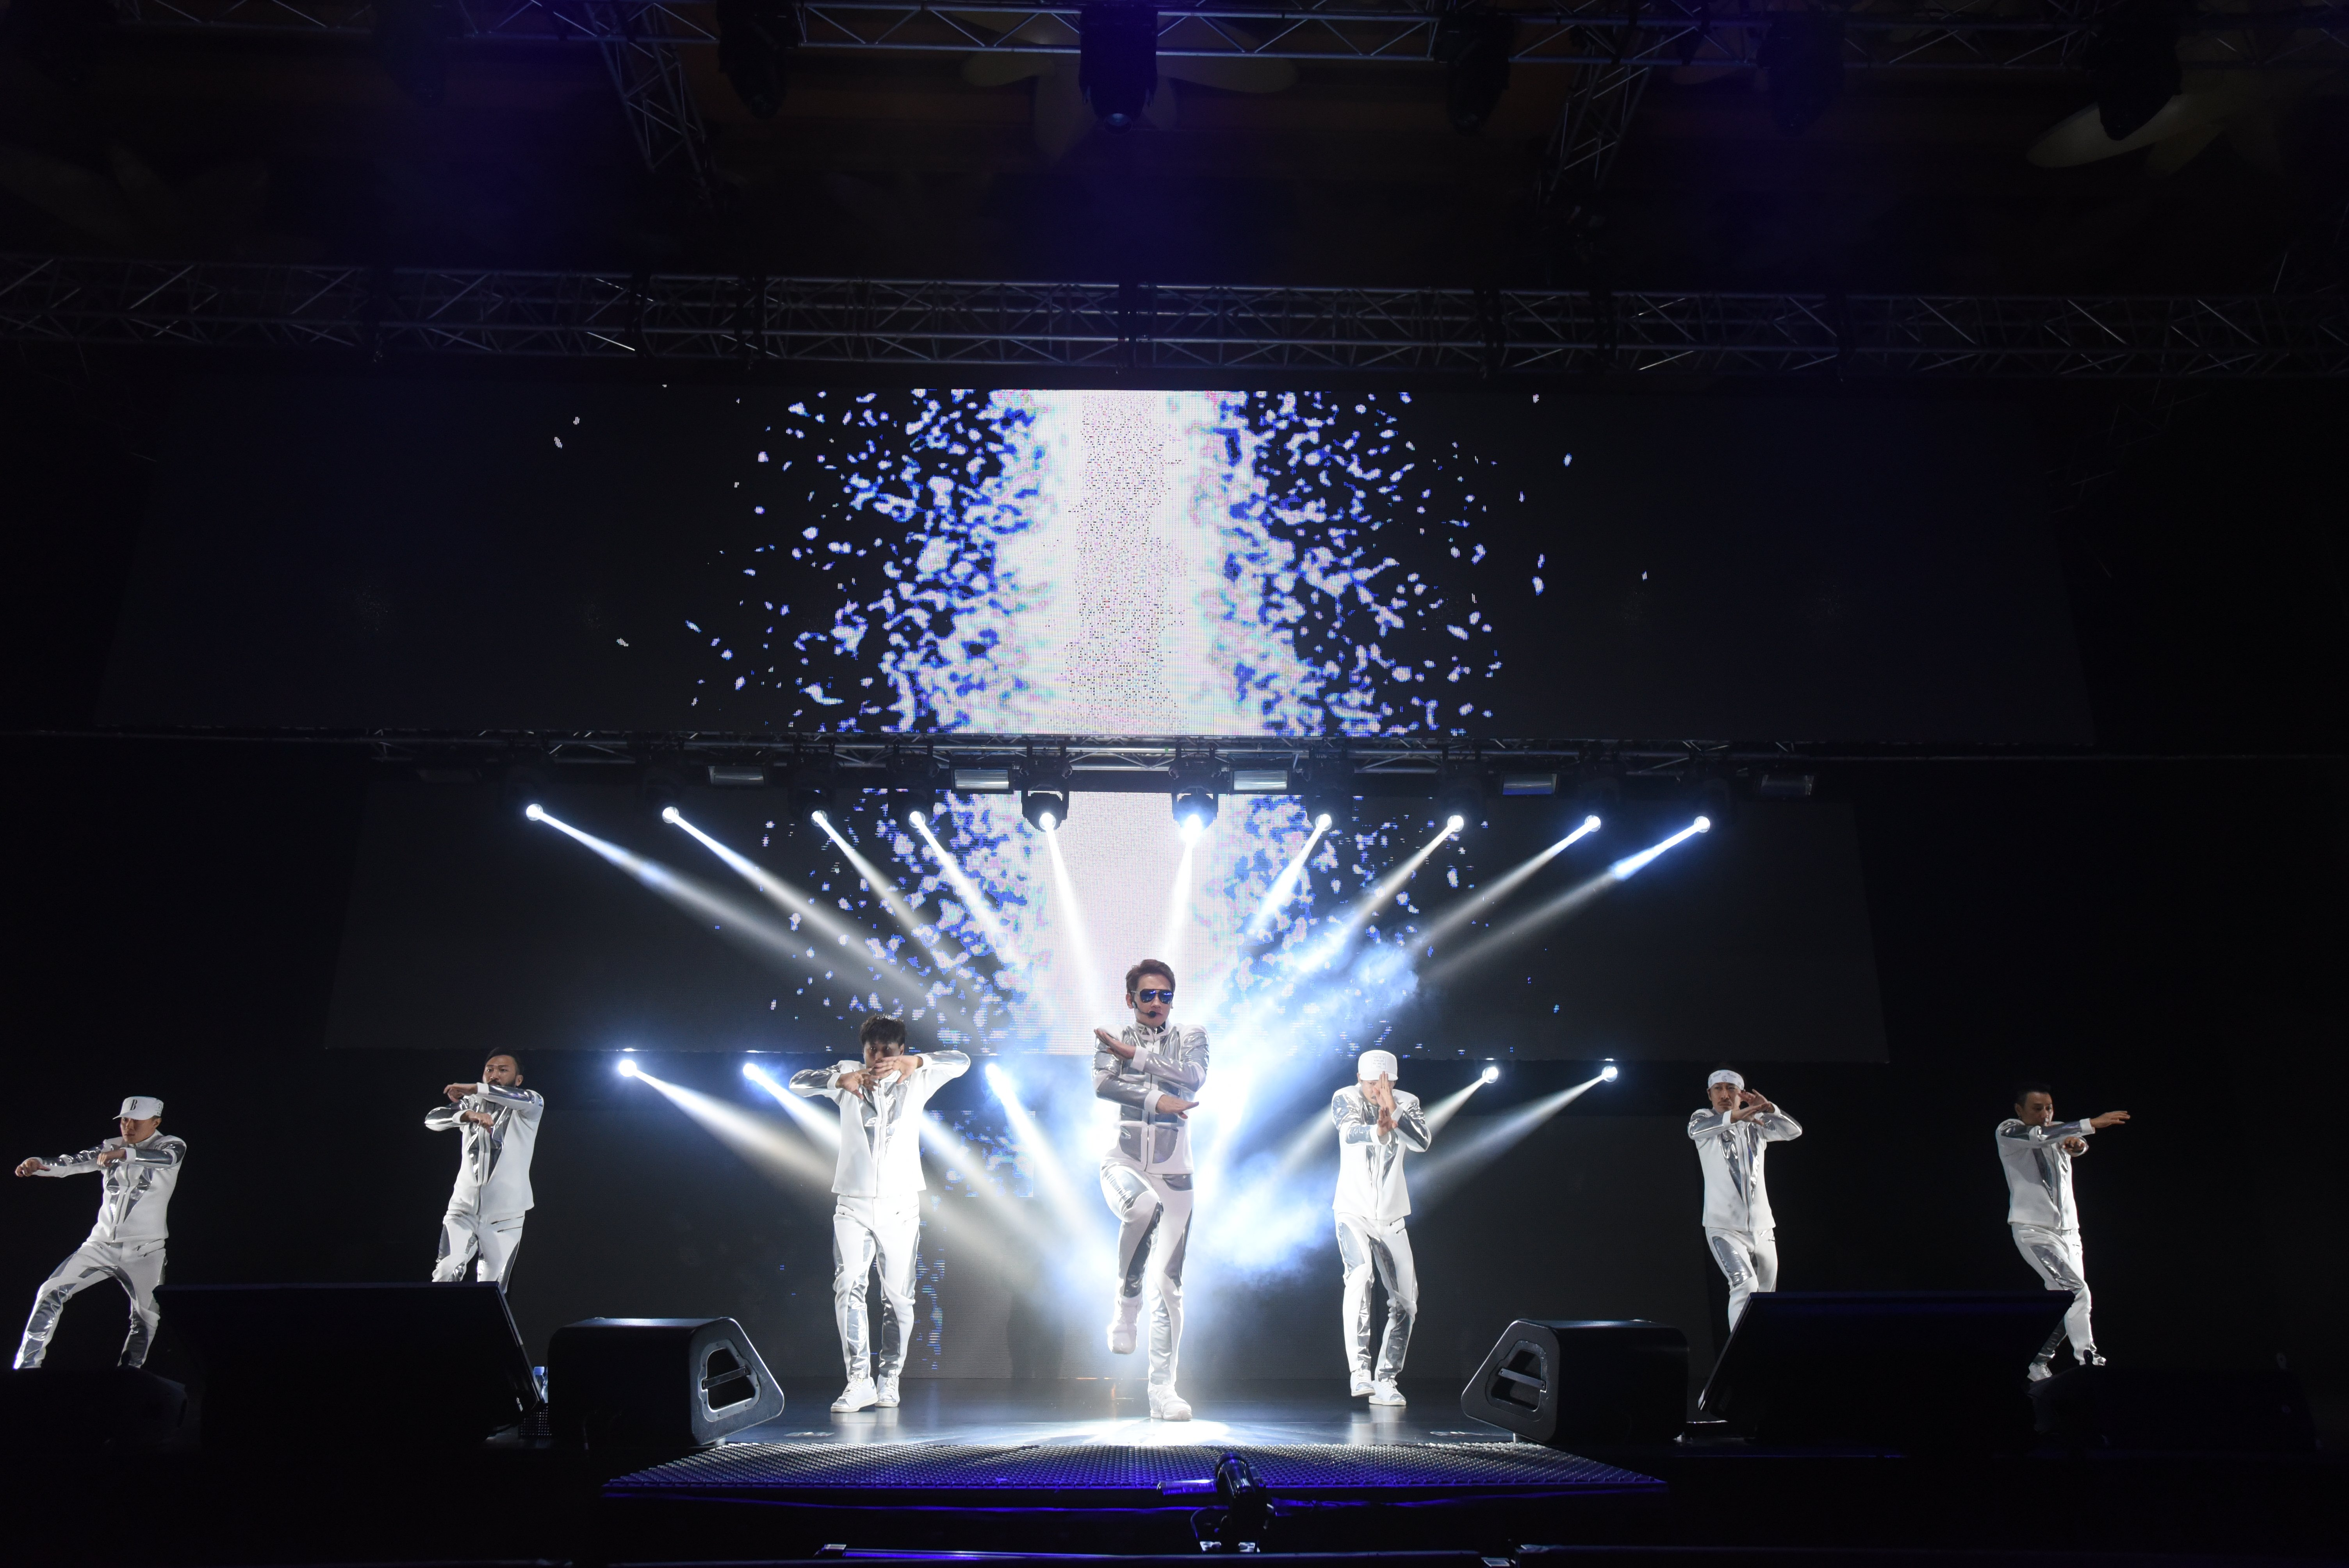 (Photo: StarSpeed Entertainment)